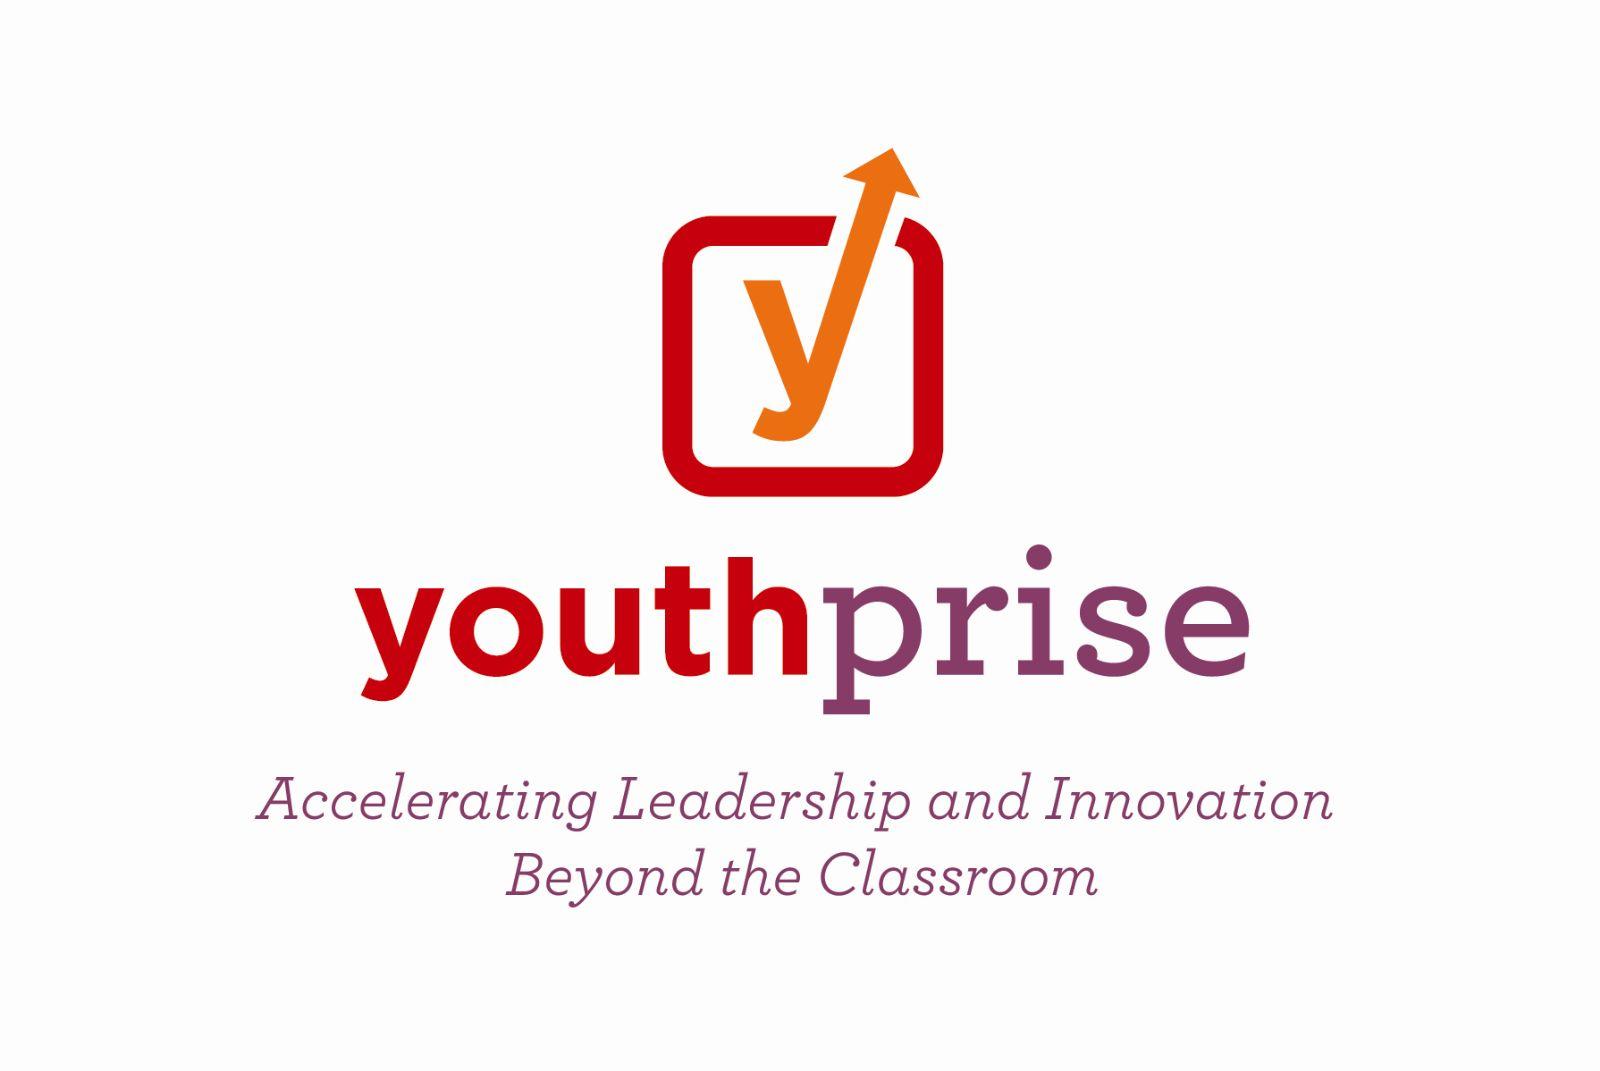 Youthprise logo